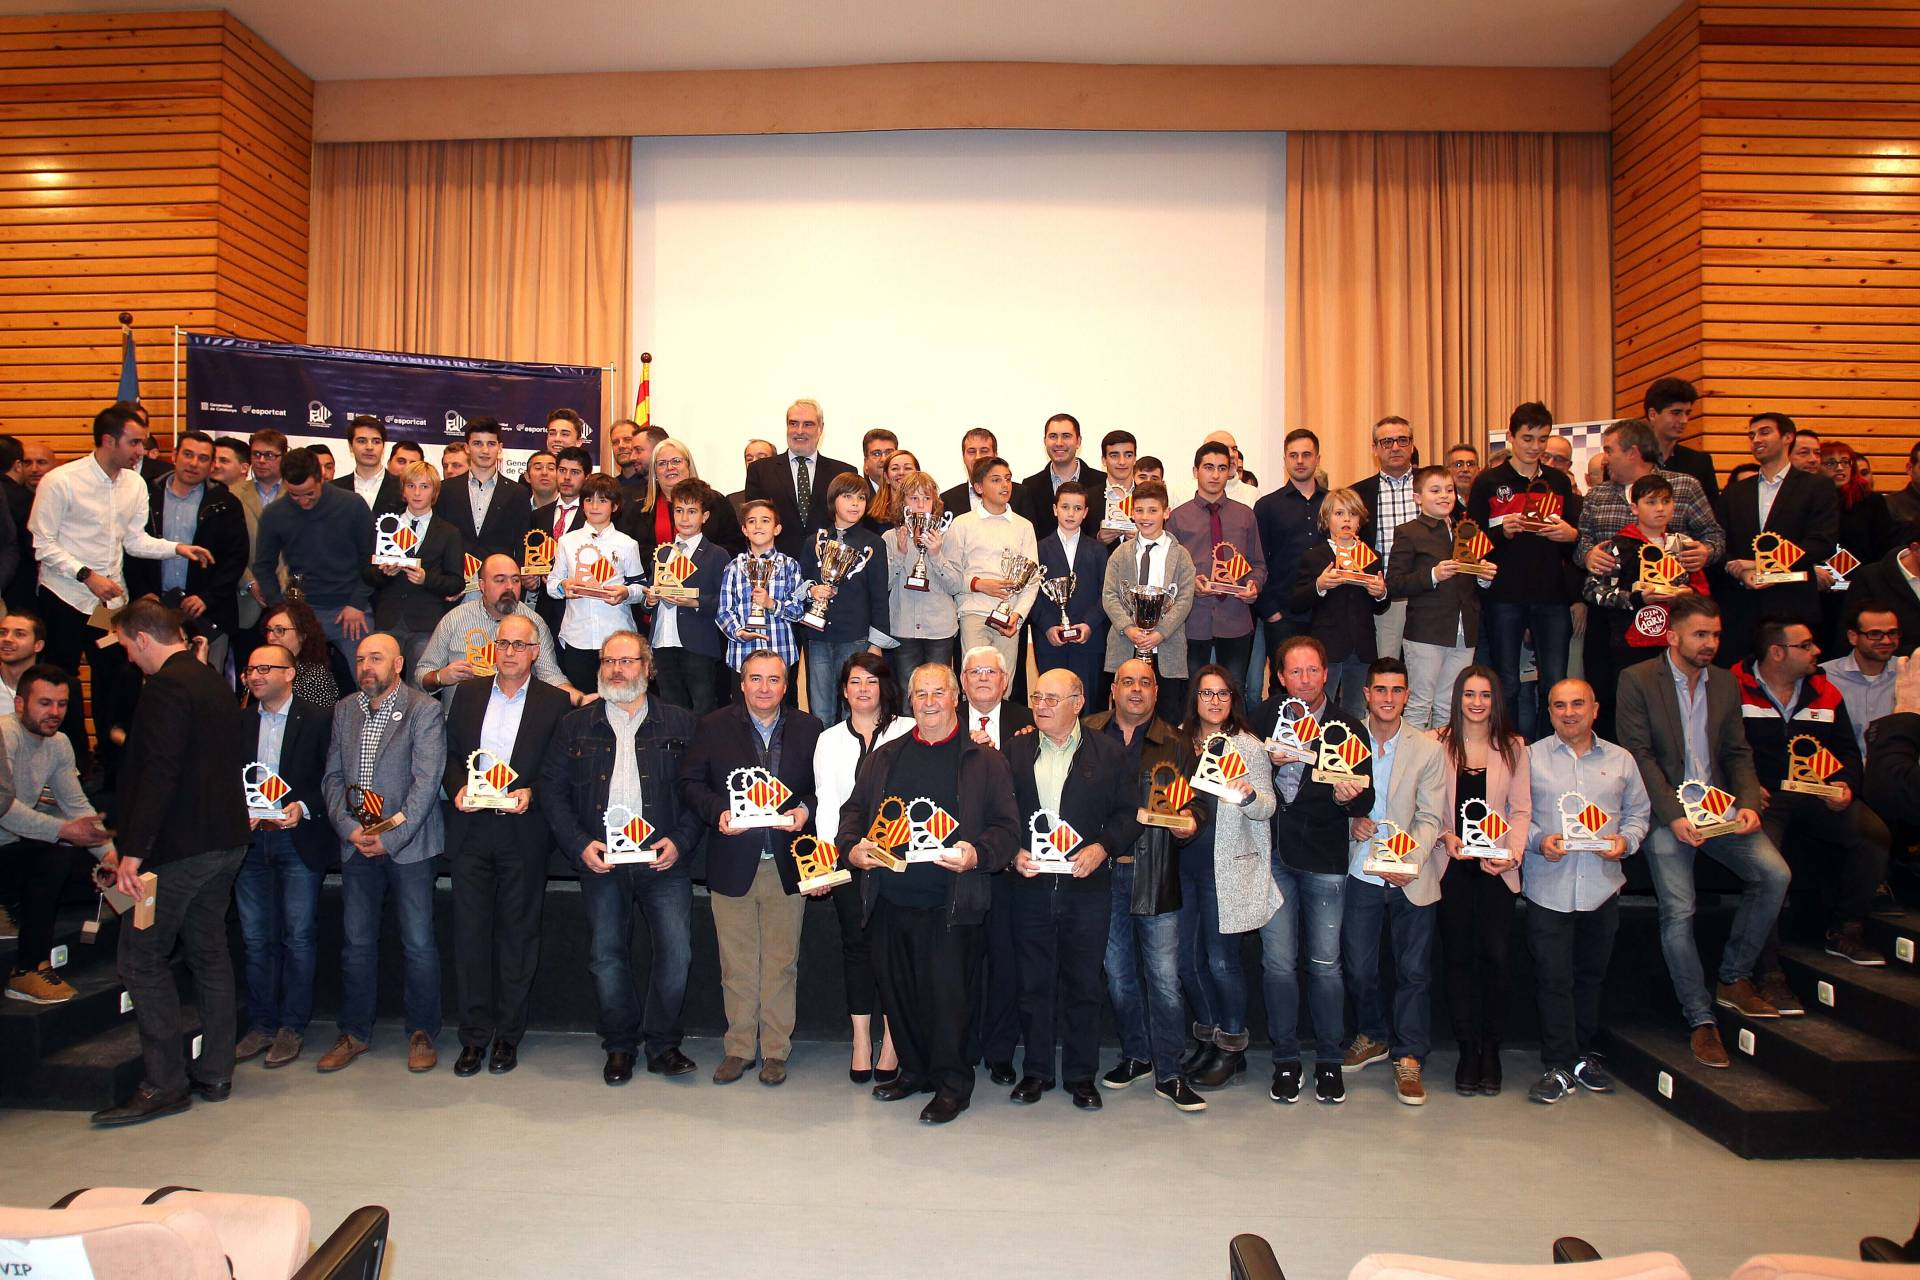 Gala de lliurament de premis 2017